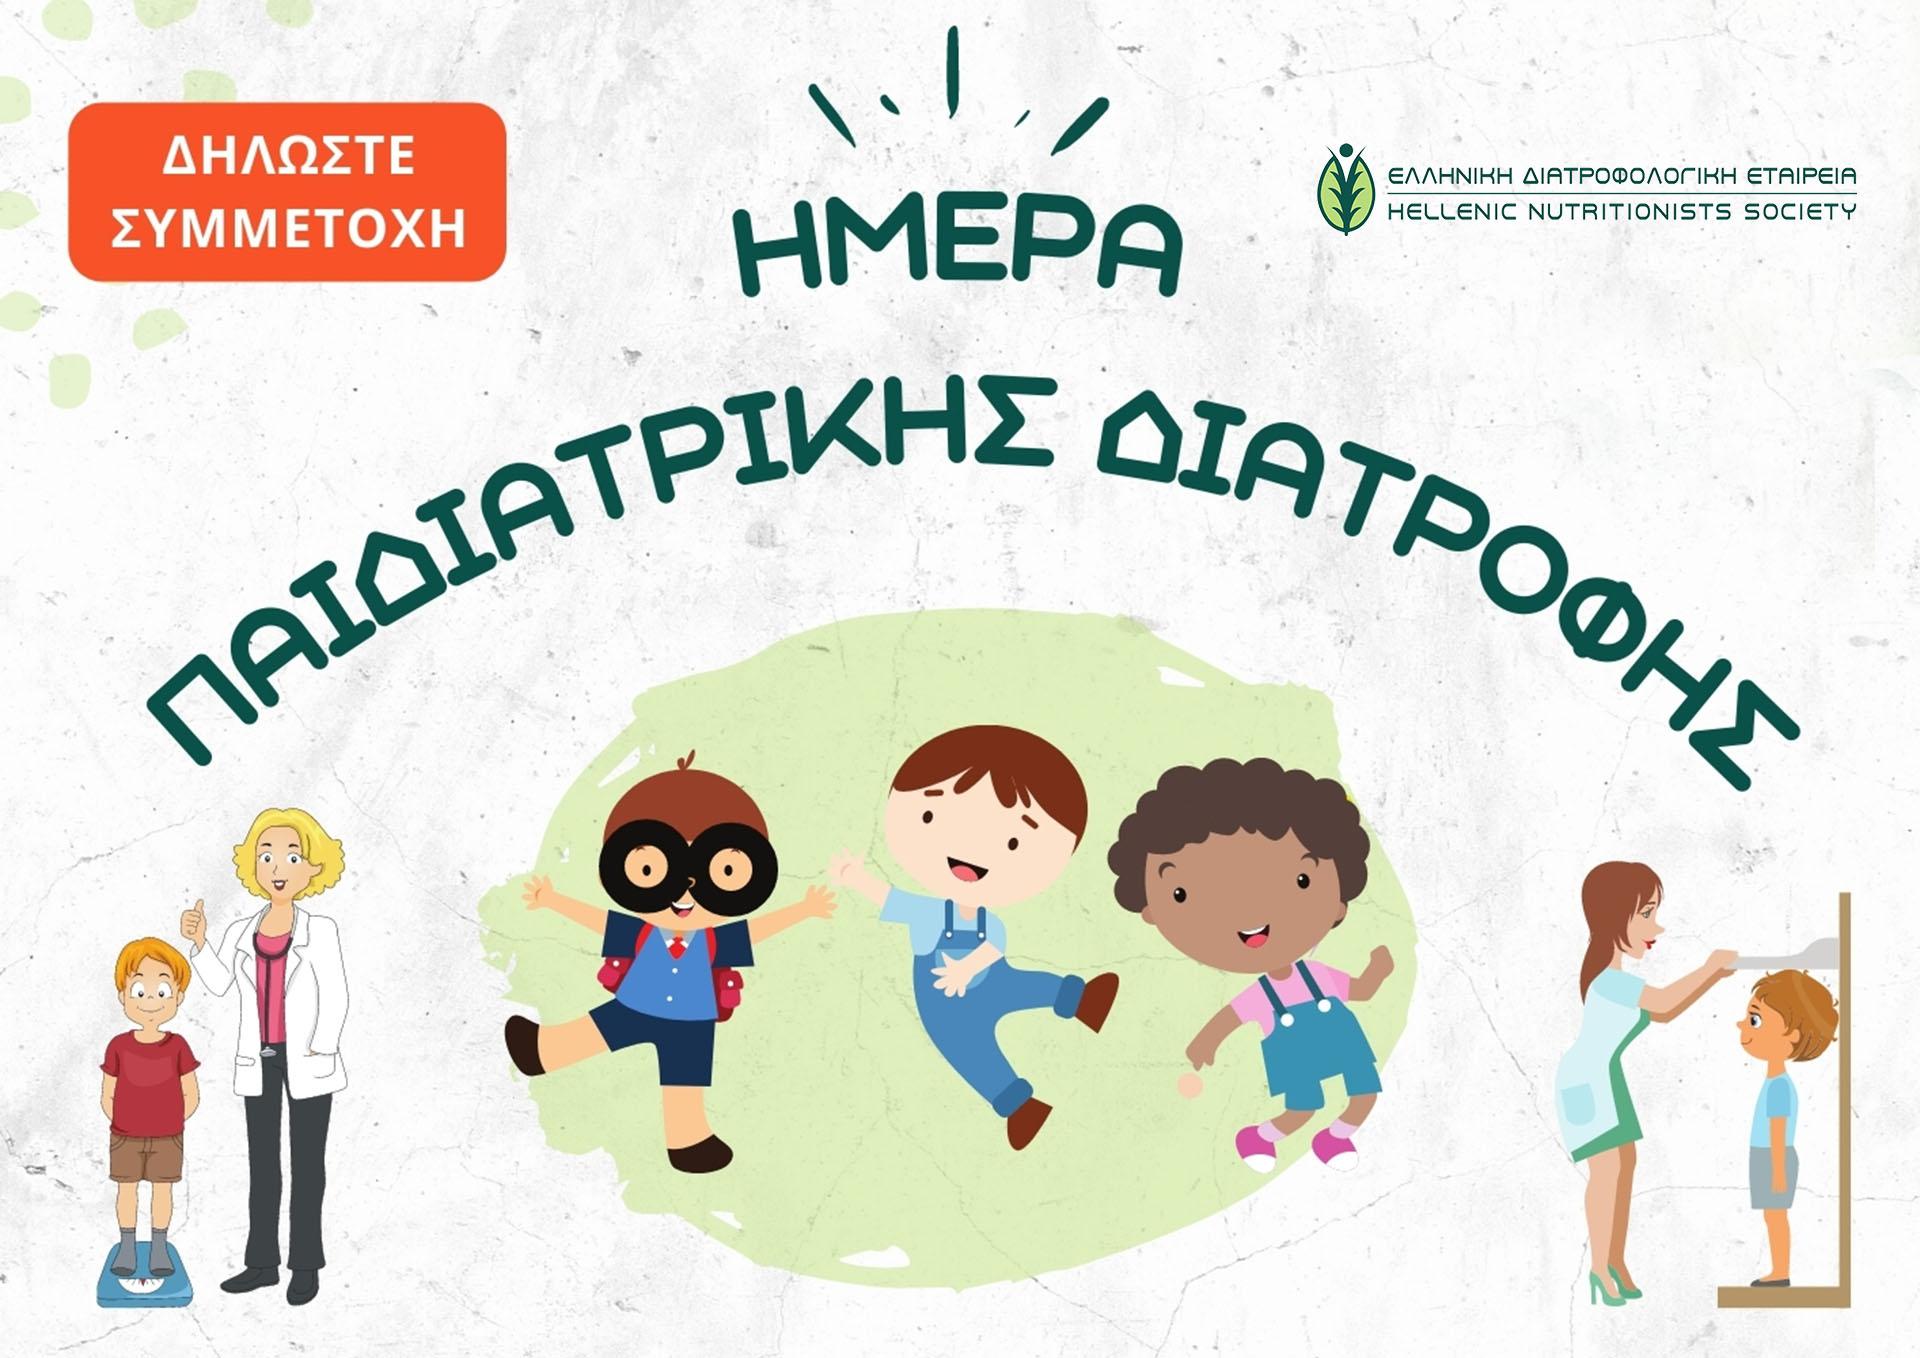 Παιδιά και γονείς ελάτε να γιορτάσουμε την Ημέρα Παιδιατρικής Διατροφής